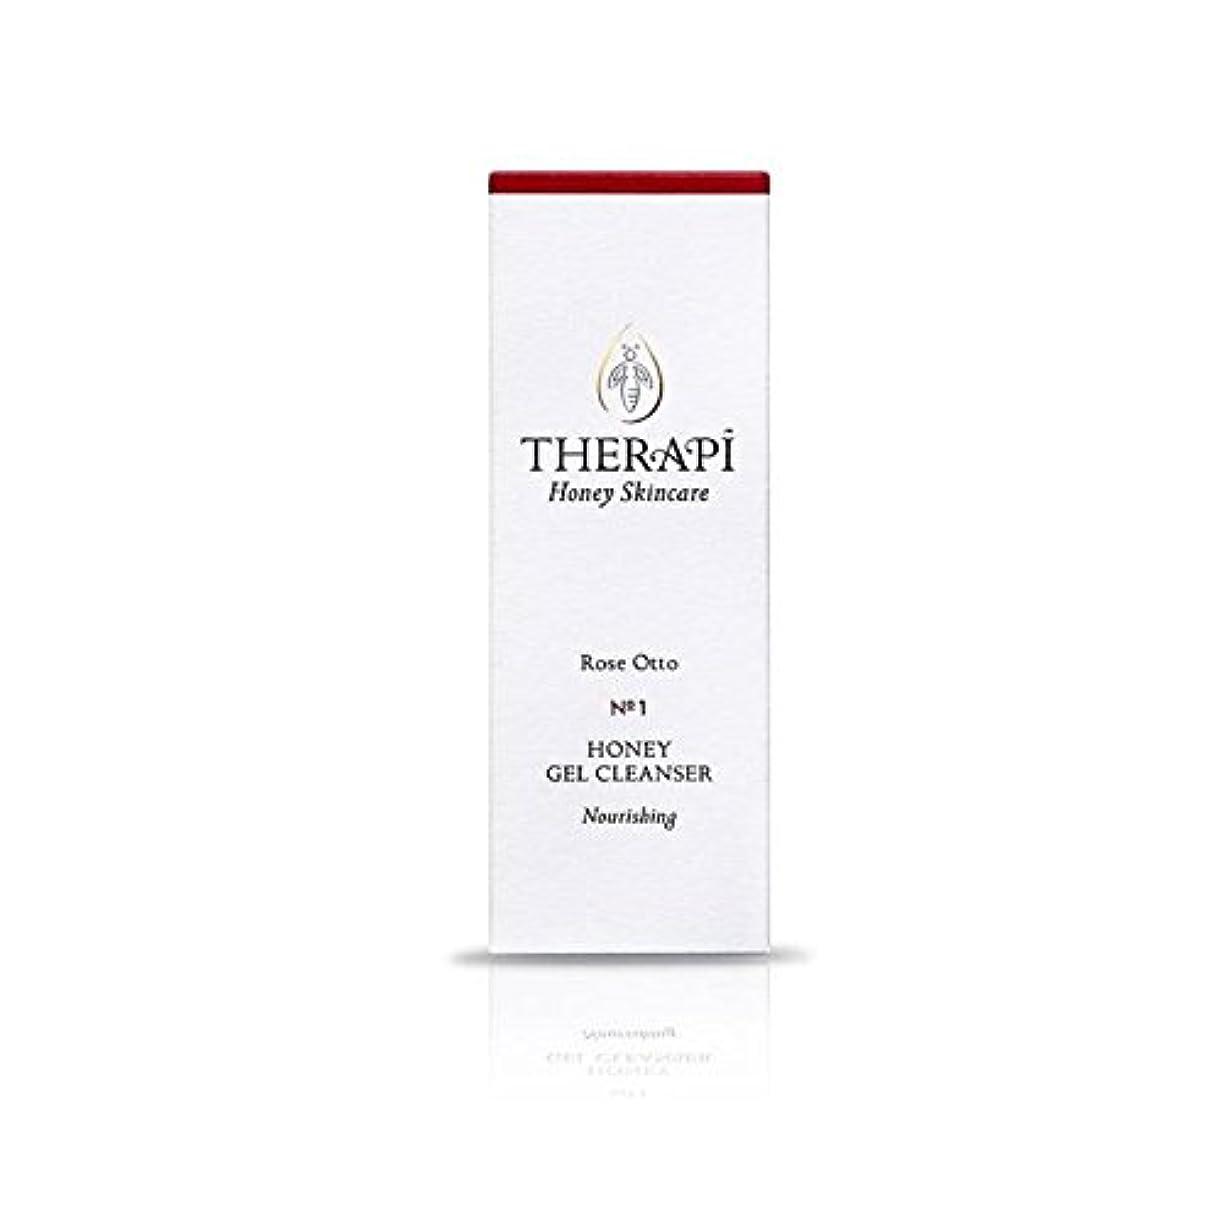 あそこツインエクスタシー蜂蜜ゲルクレンザーの100ミリリットルをオットーローズ (Therapi) (x 4) - Therapi Rose Otto Honey Gel Cleanser 100ml (Pack of 4) [並行輸入品]